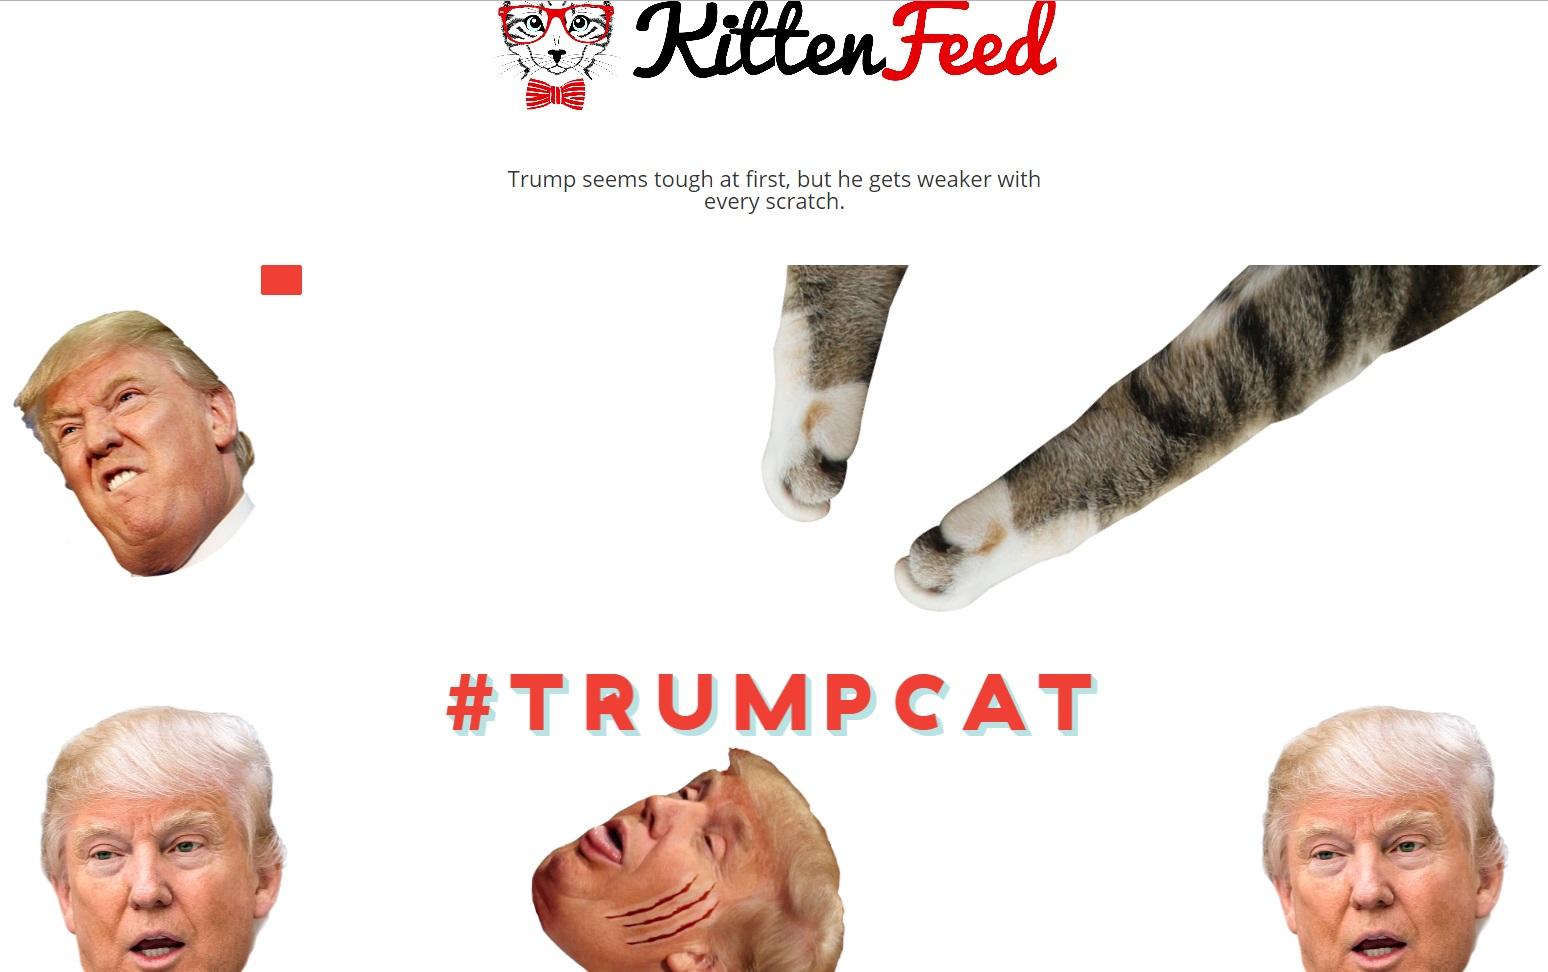 Kitten Feed